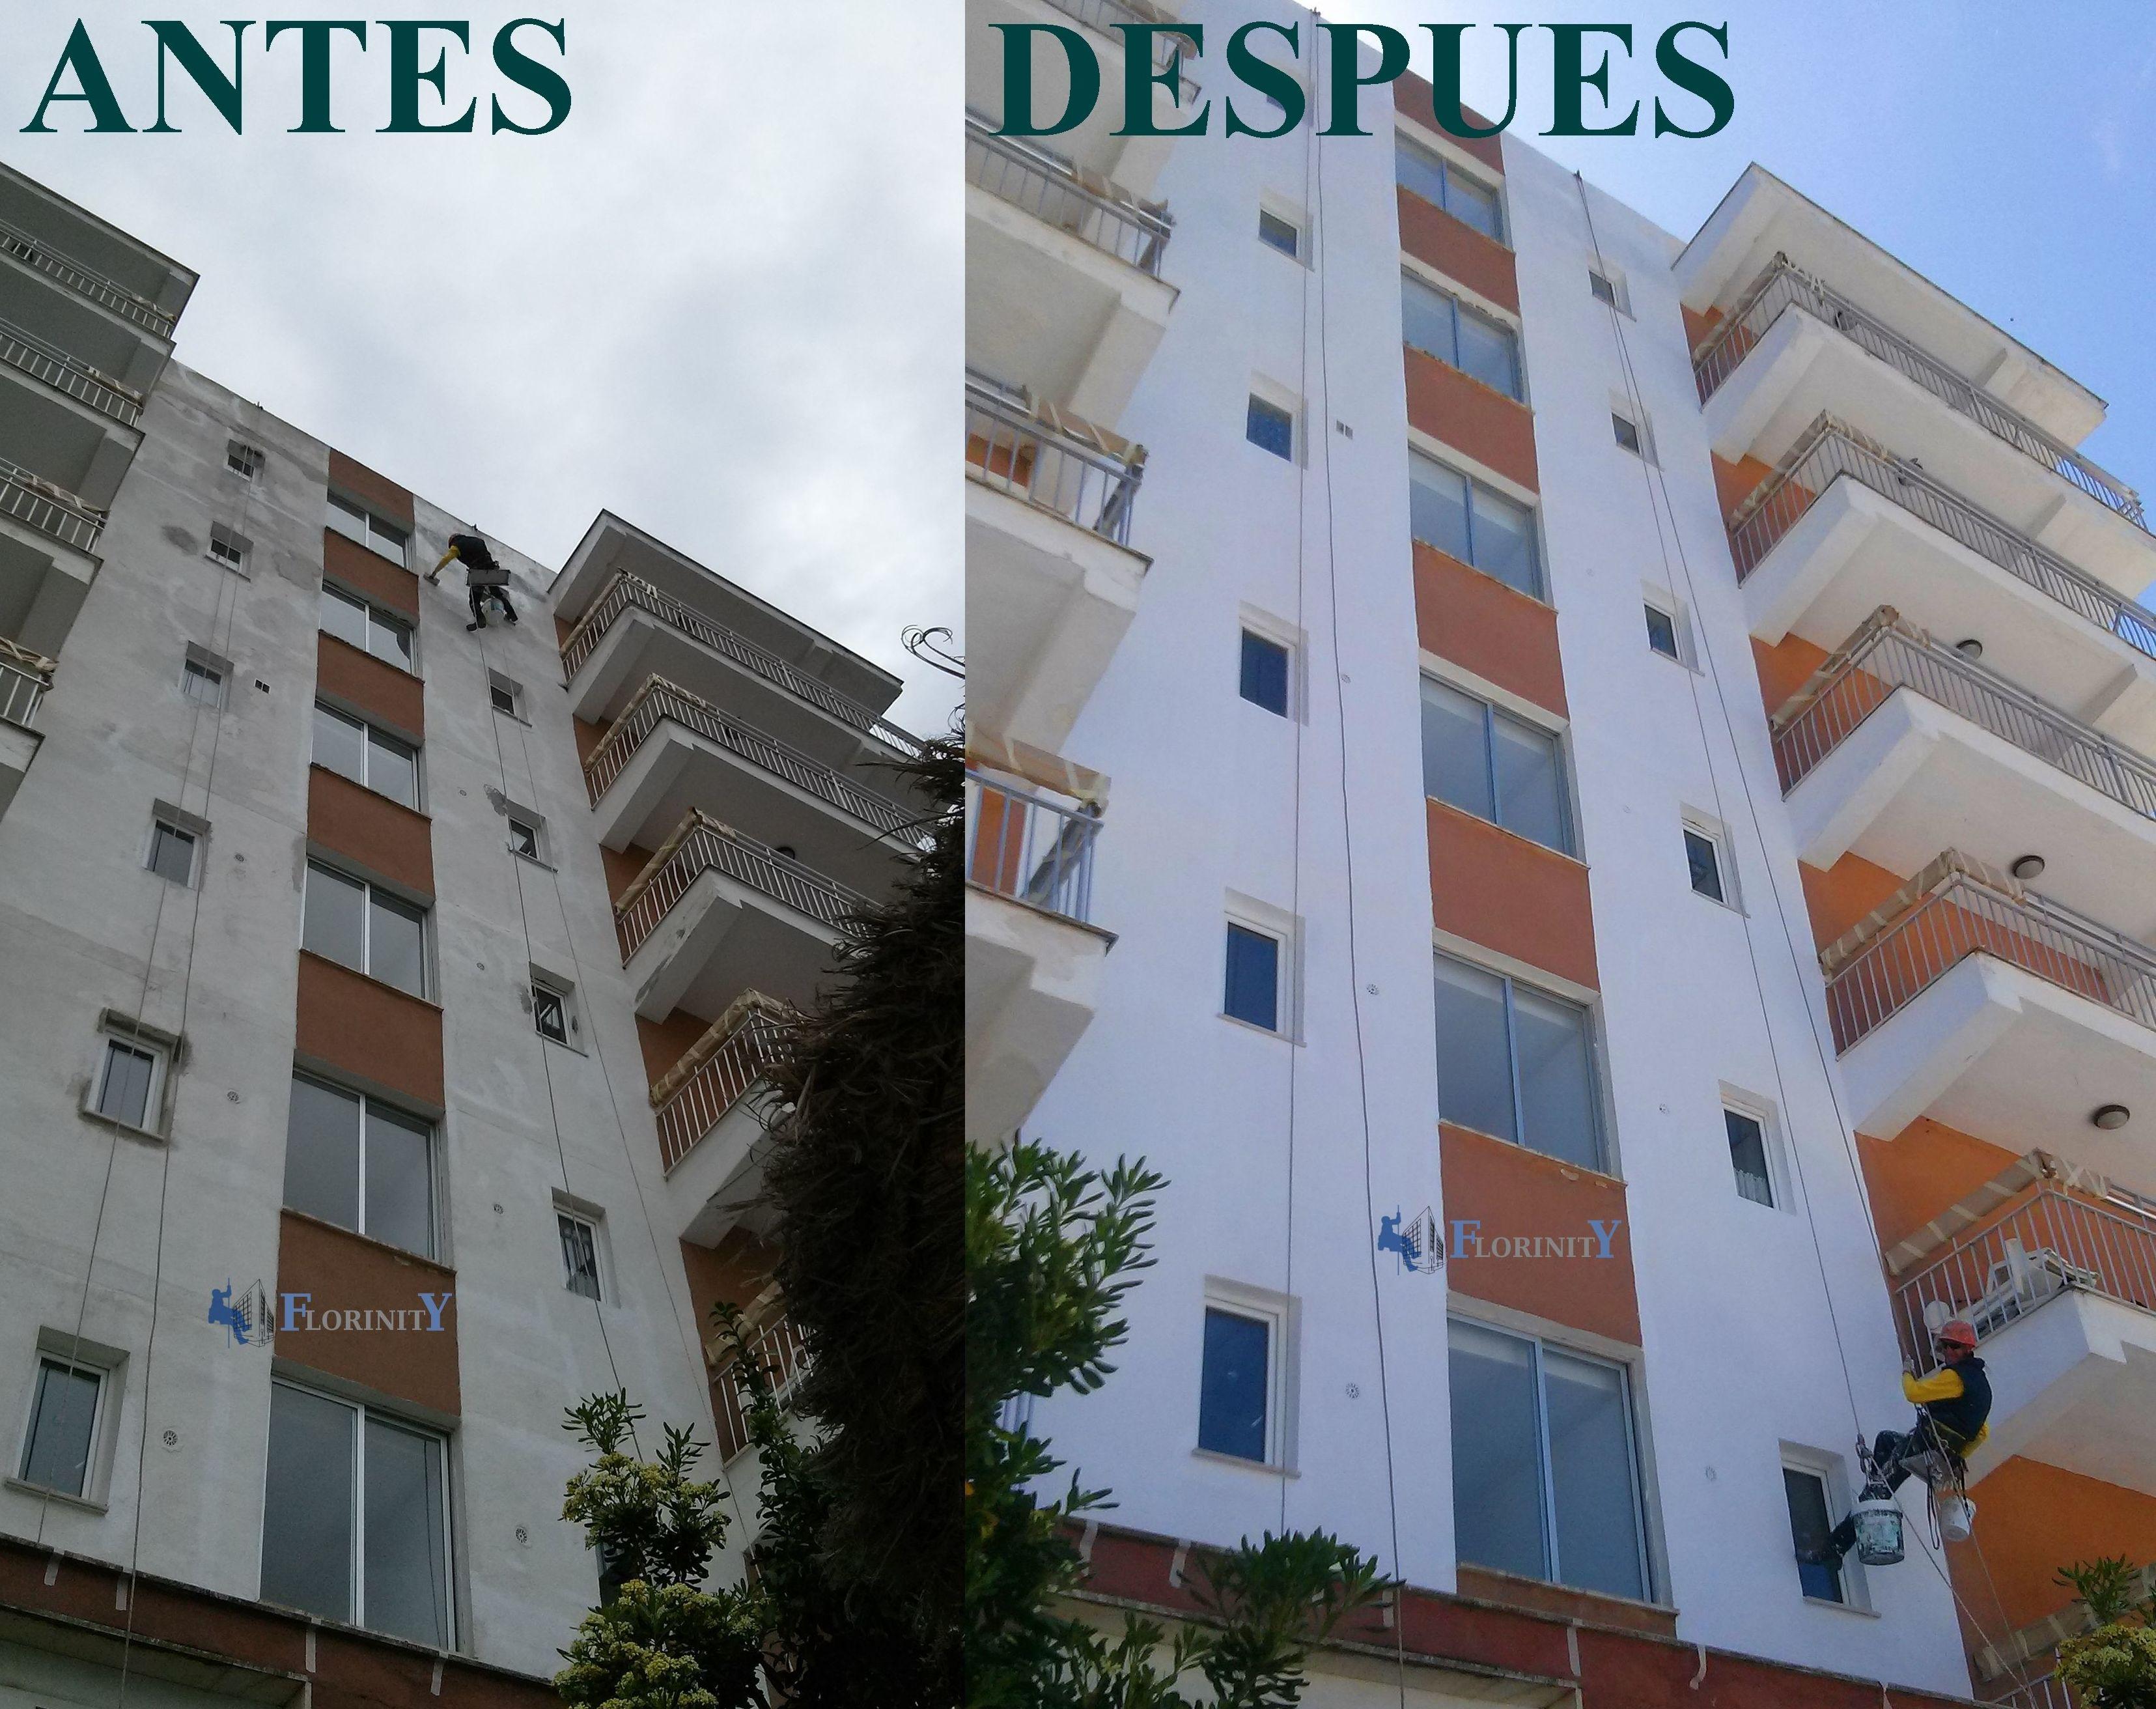 Foto 127 de Trabajos verticales en Palma de Mallorca | Trabajos Verticales Florinity